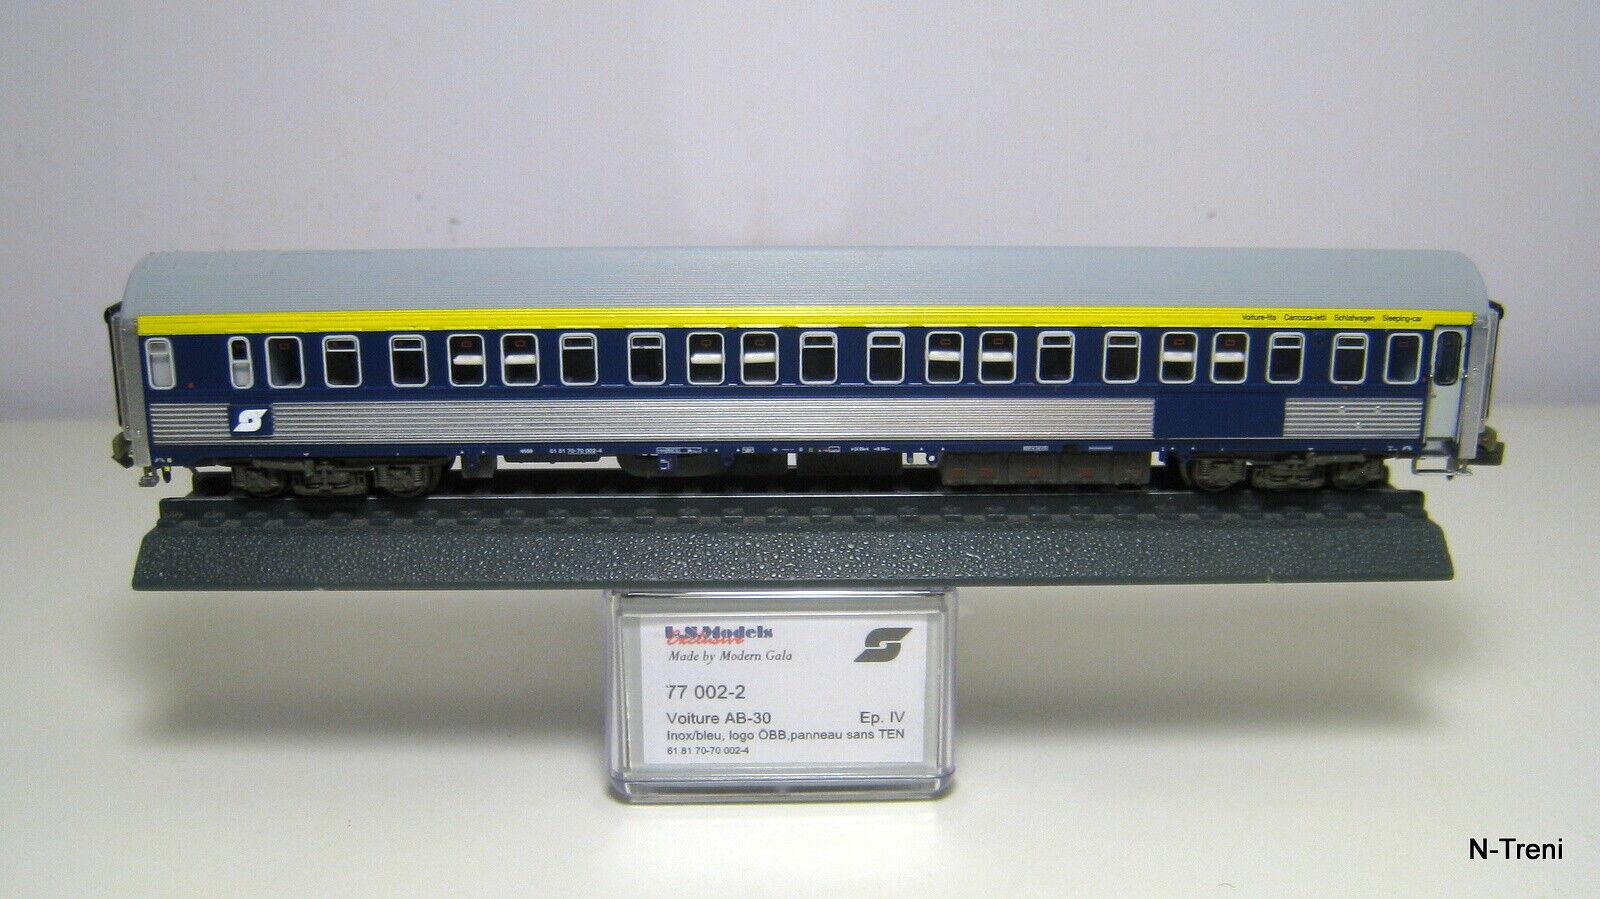 LsModels N 77002-2 - Carrozze letto WLAB-30 ÖBB, cassa inox, livrea blu gialla